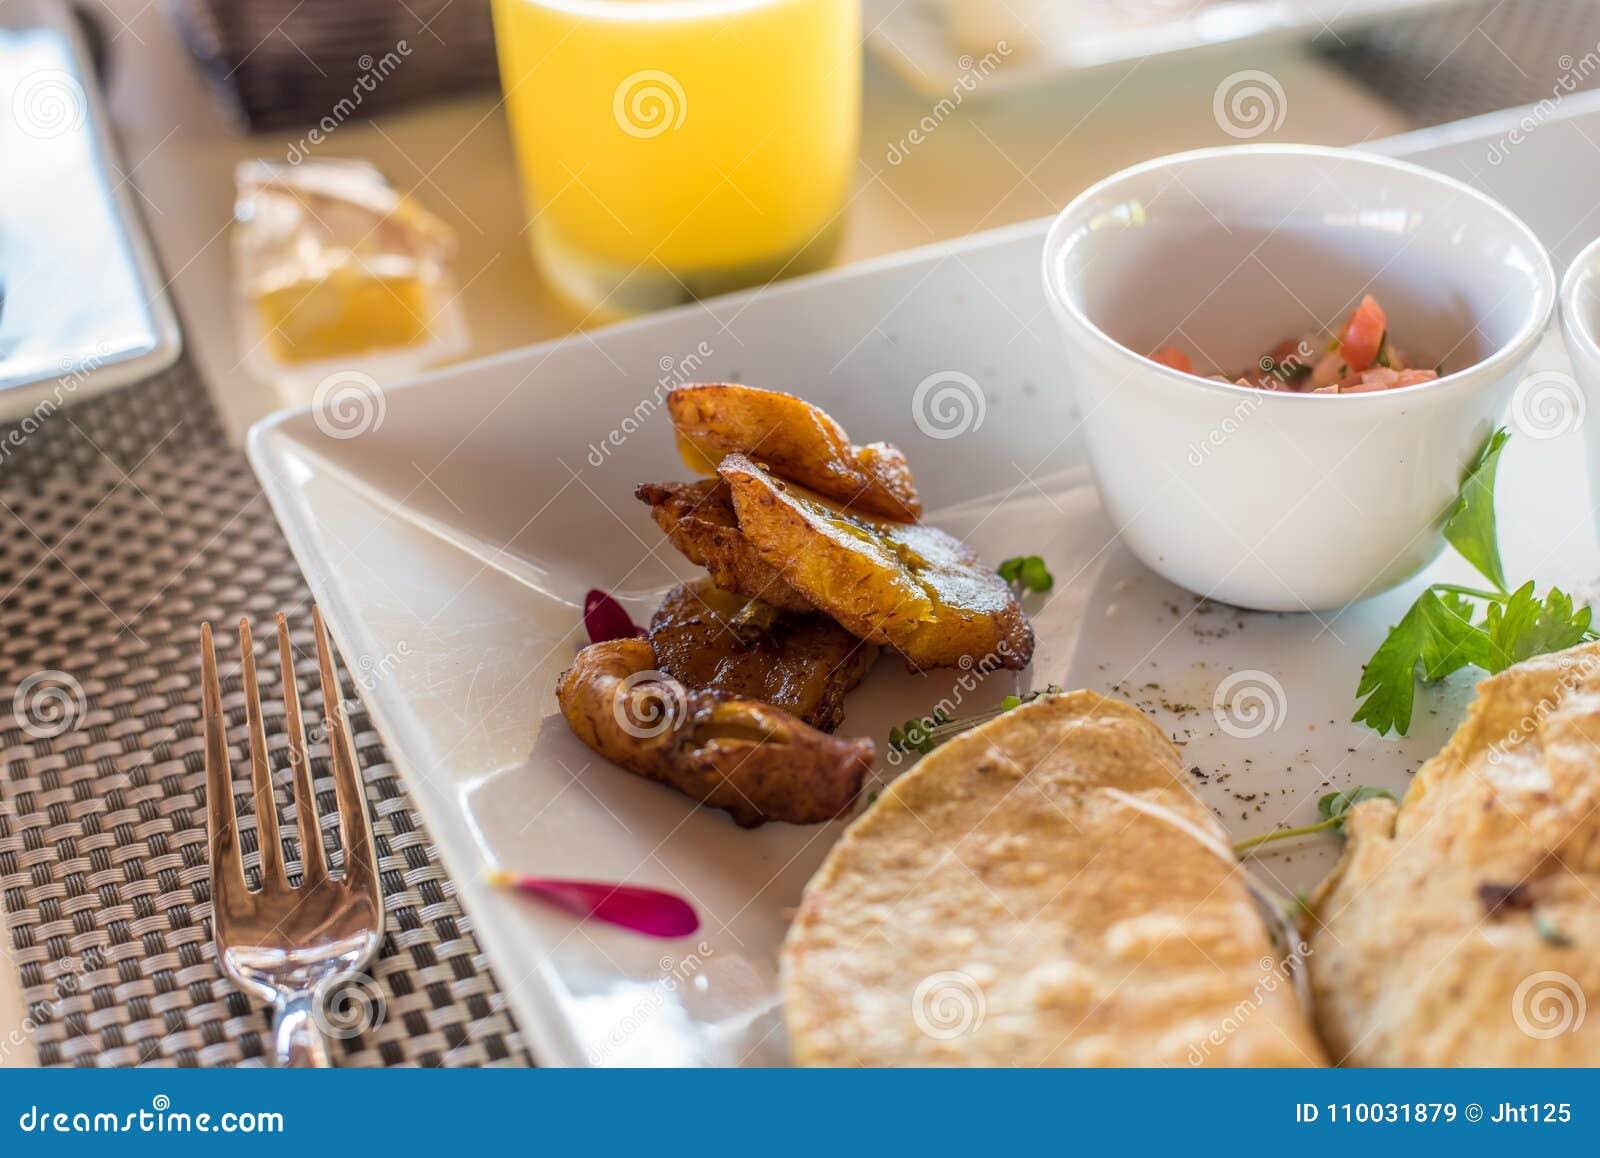 Mexikanisches Quesadillafrühstück mit Bananen